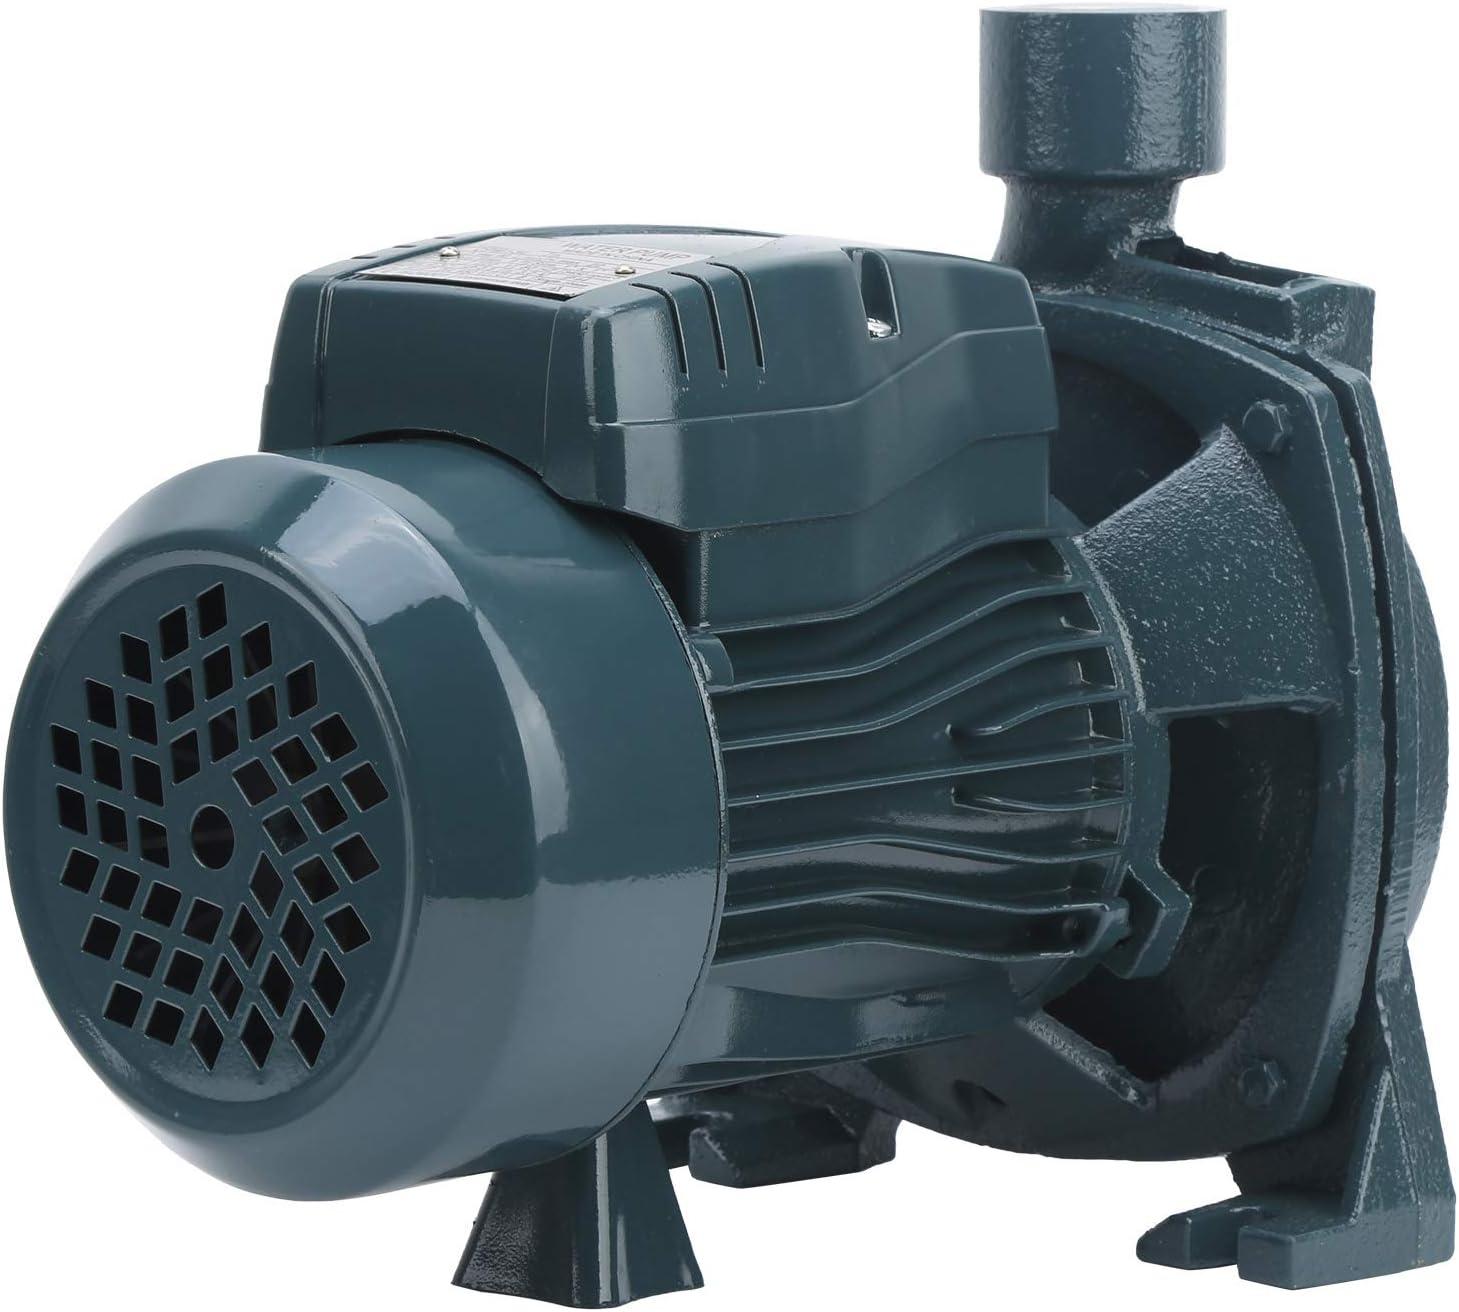 Bomba de circulación, bomba de recirculación de agua caliente Bomba de circulación de doble efecto de sellado para herramientas hidráulicas para suministros industriales(AC220V)